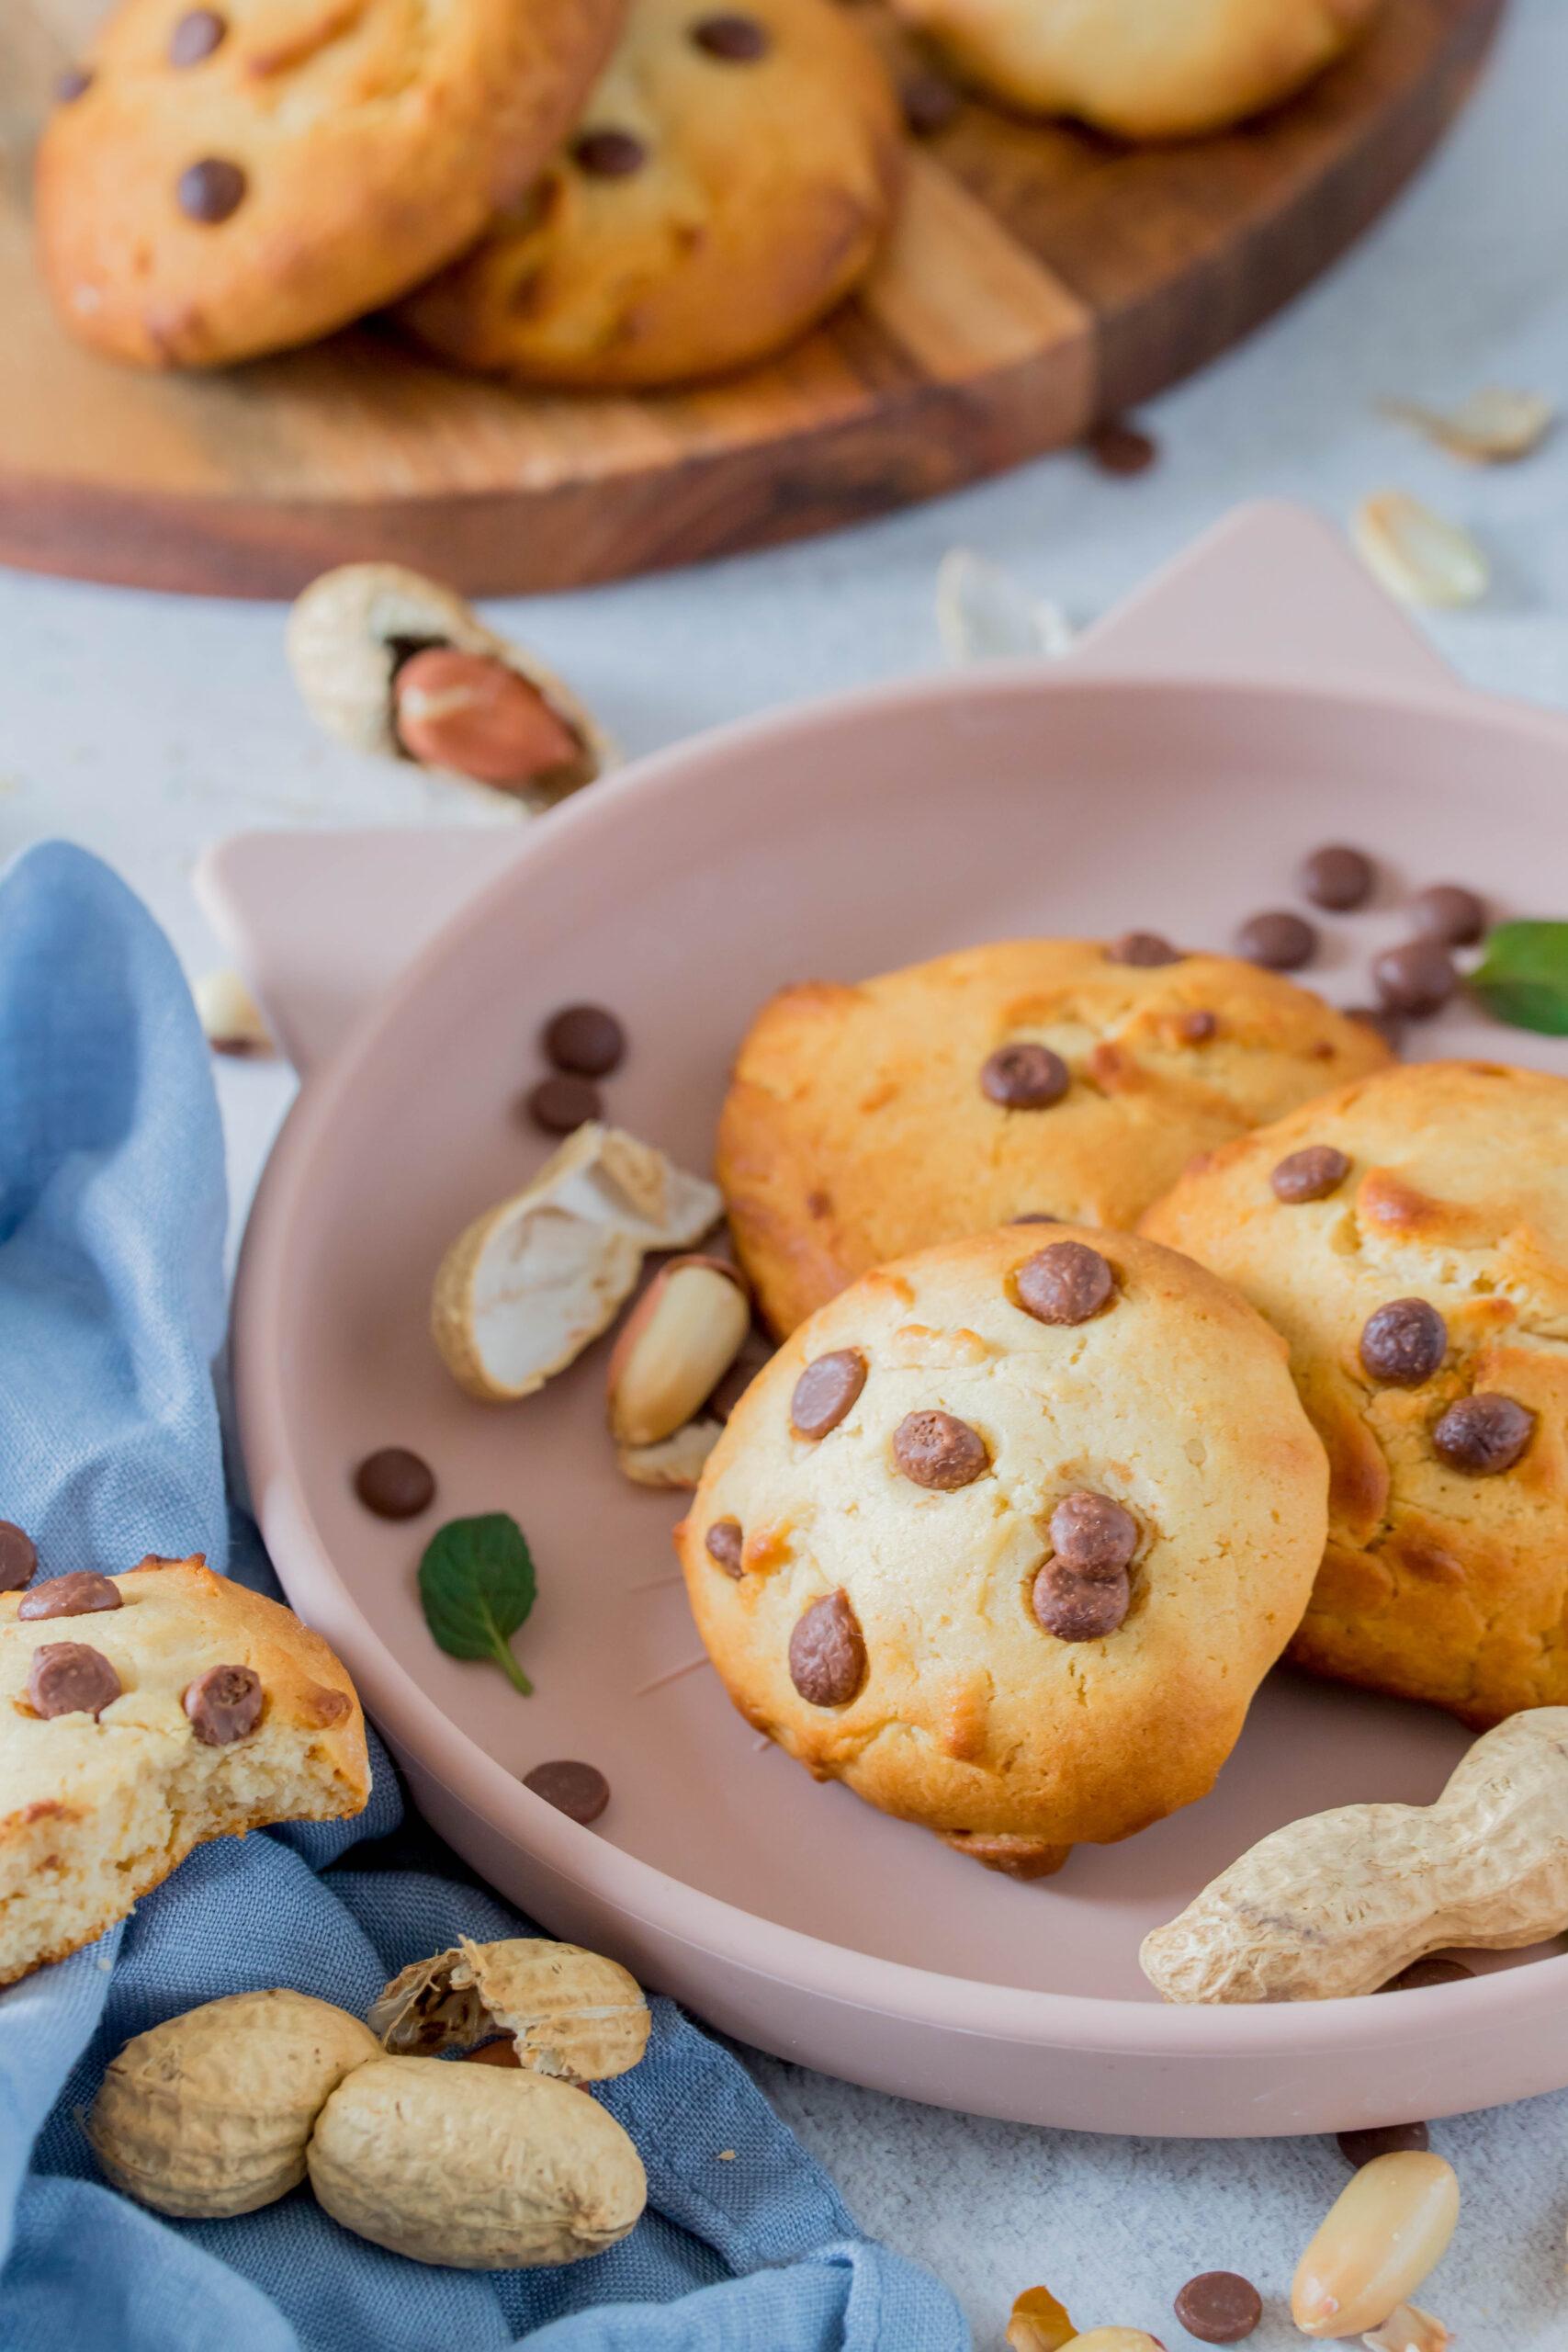 Cookies mit Erdnussmus und Schokostückchen - super einfach und schnell zubereitet. Perfekt für Kinder.